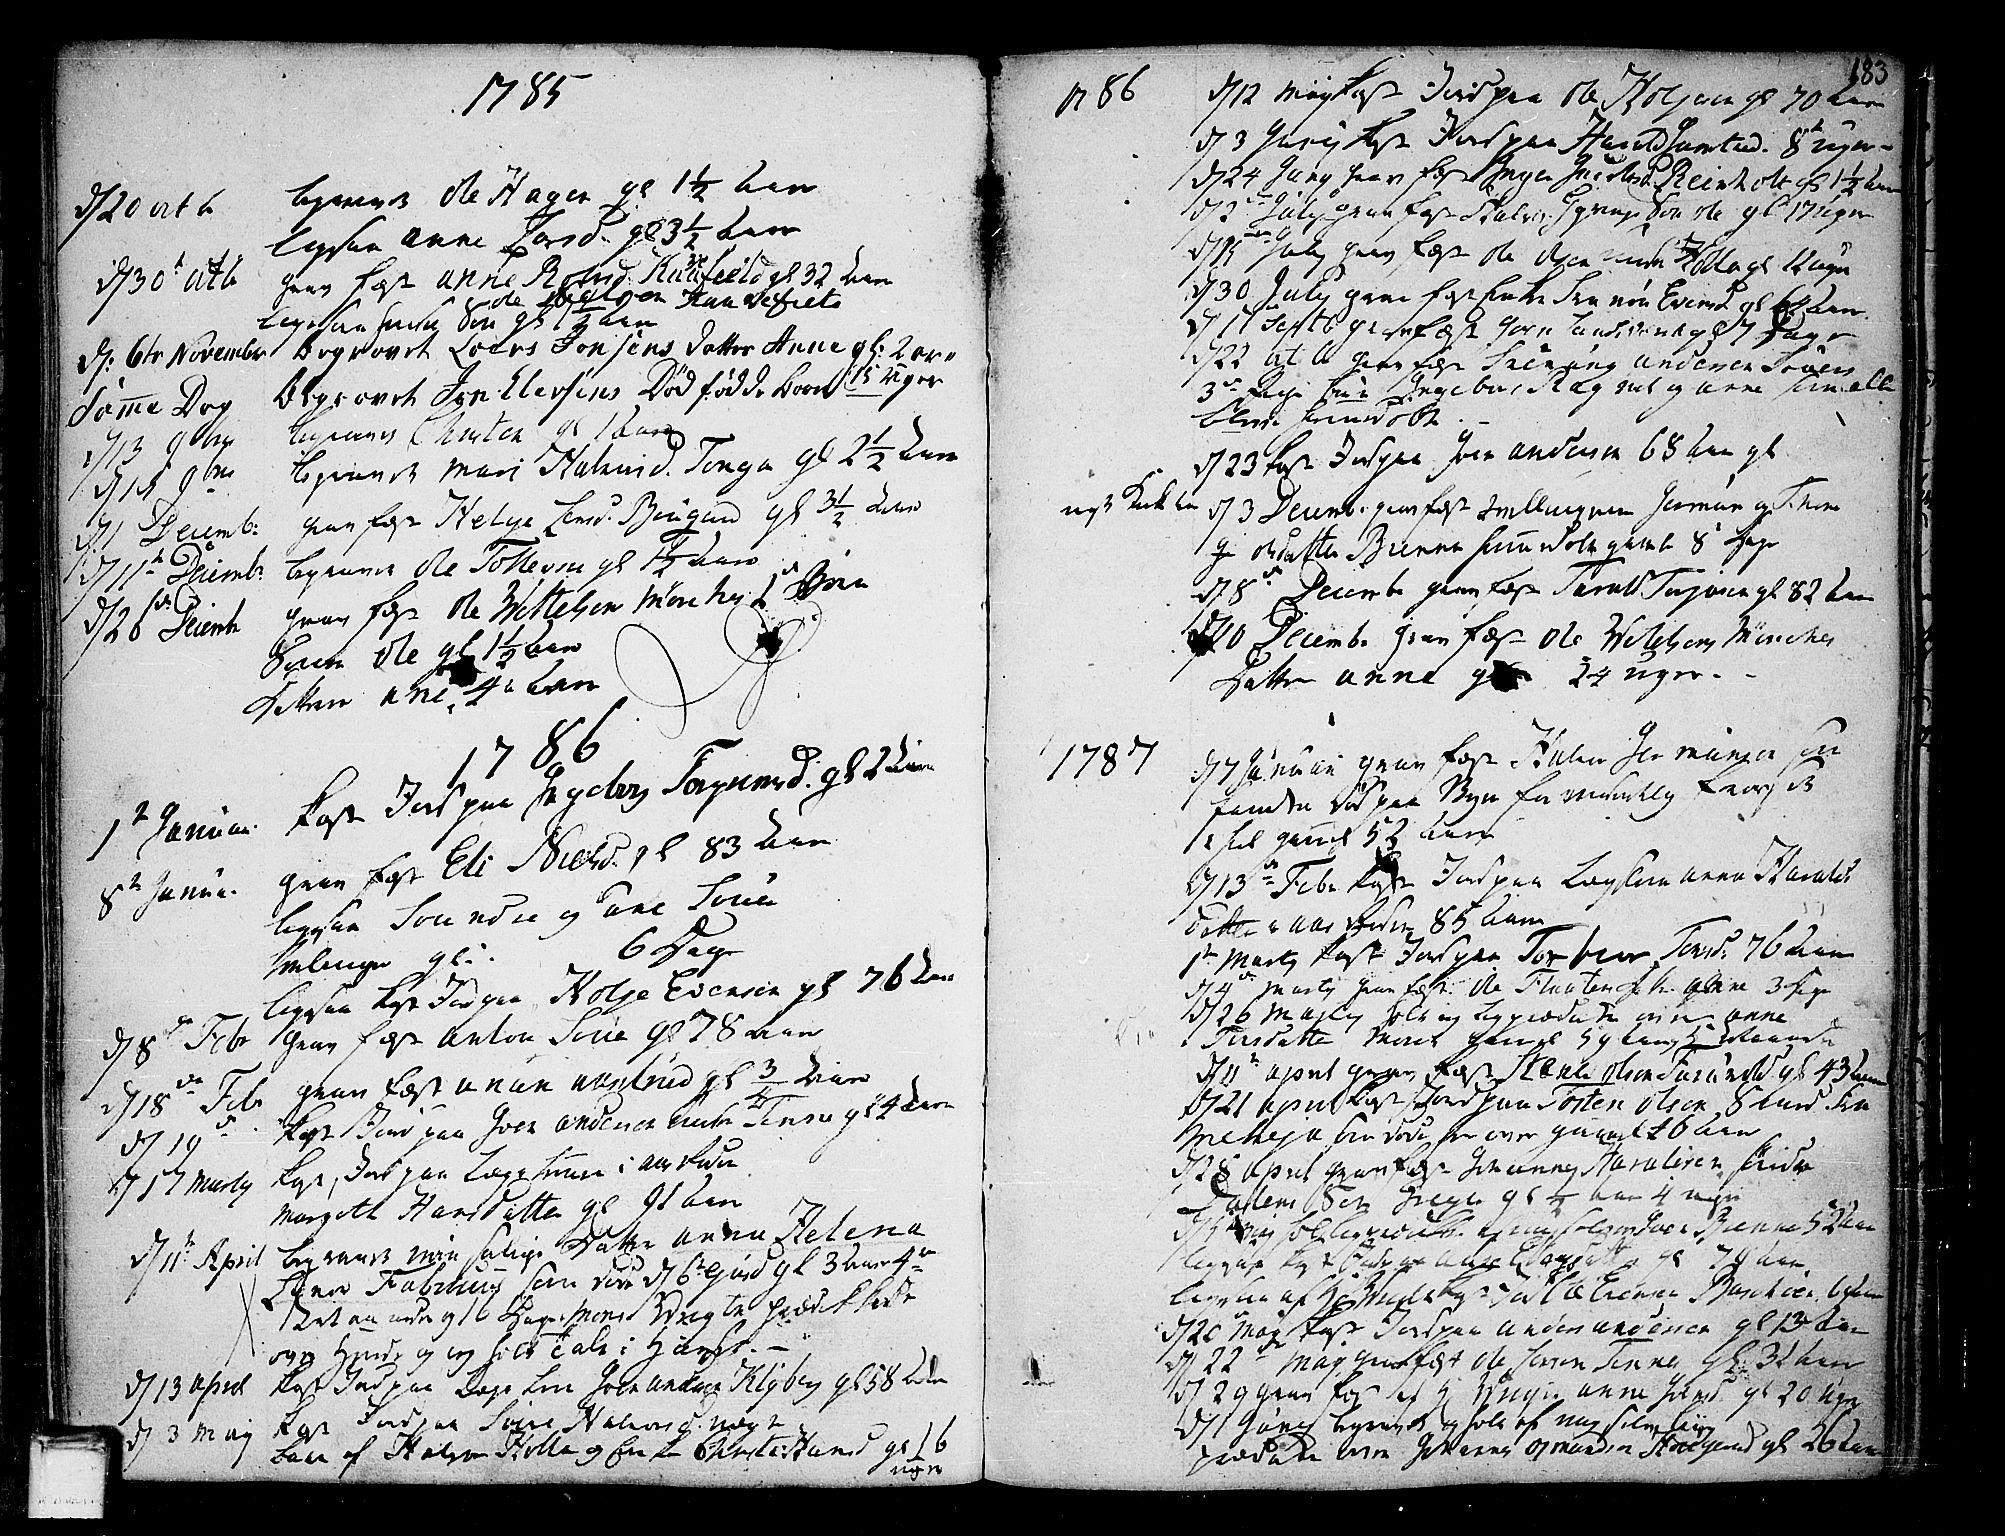 SAKO, Heddal kirkebøker, F/Fa/L0004: Ministerialbok nr. I 4, 1784-1814, s. 183